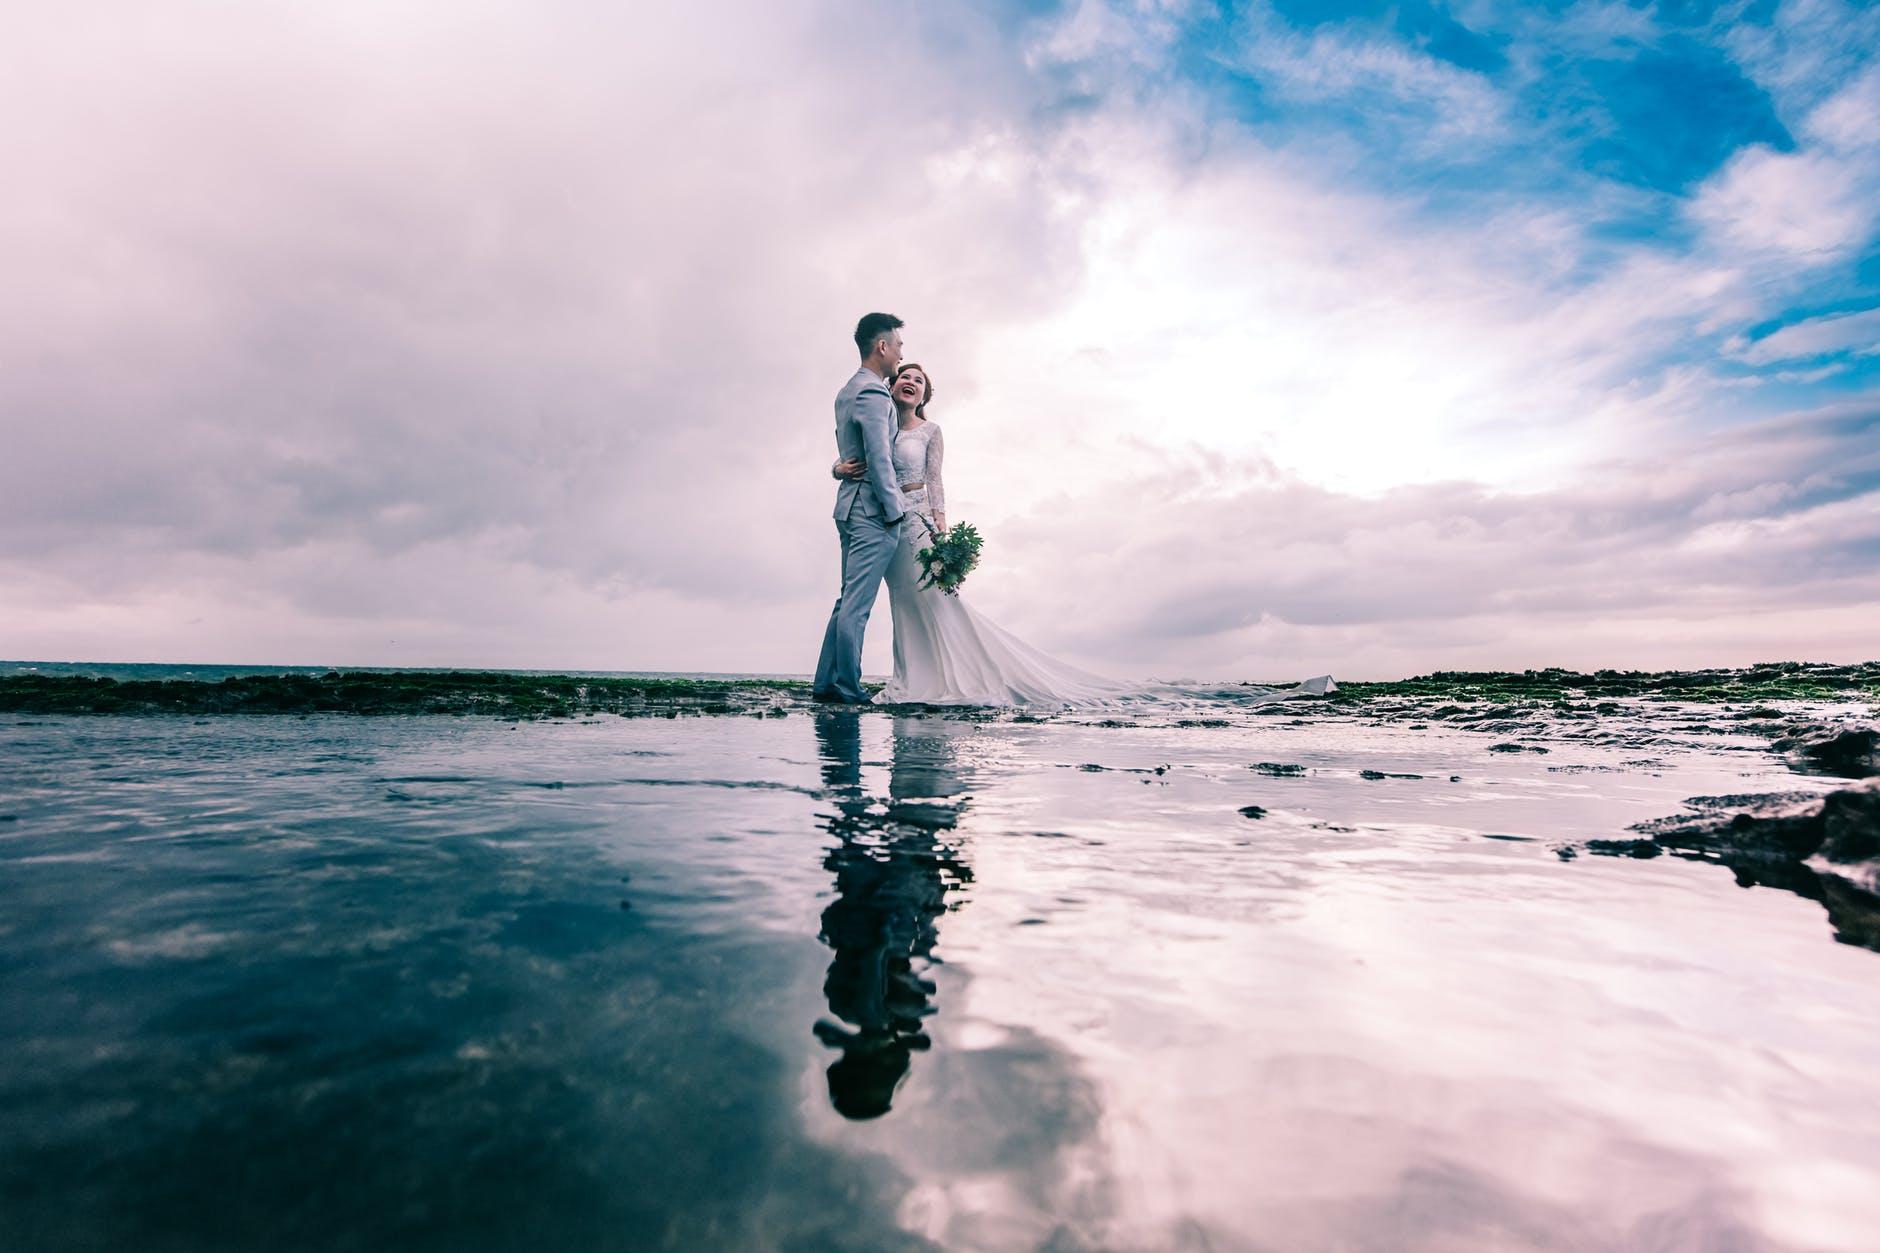 Ghid complet pentru a doua nunta. Ce trebuie sa faci si ce sa eviti